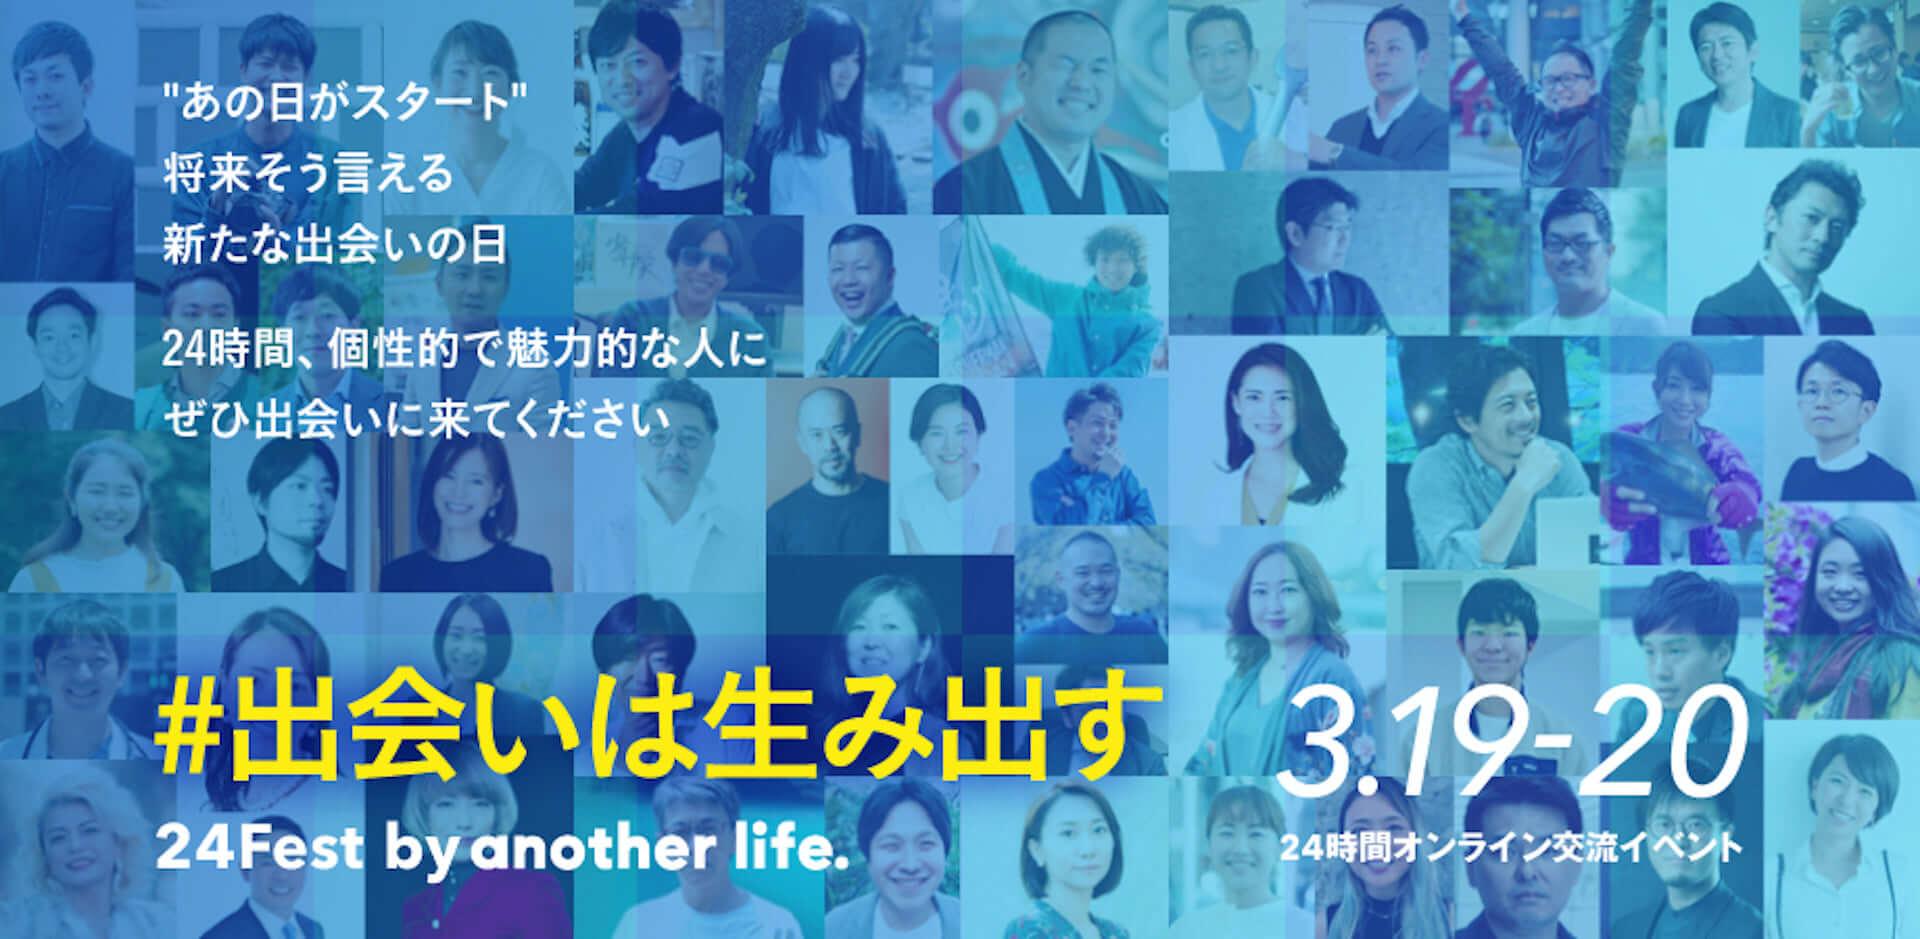 個人の生き方を考える24時間オンライン交流イベント<24 Fest by another life.>が今週末開催!作曲家、起業家など50名が参加 art210316_anotherlife24_5-1920x939